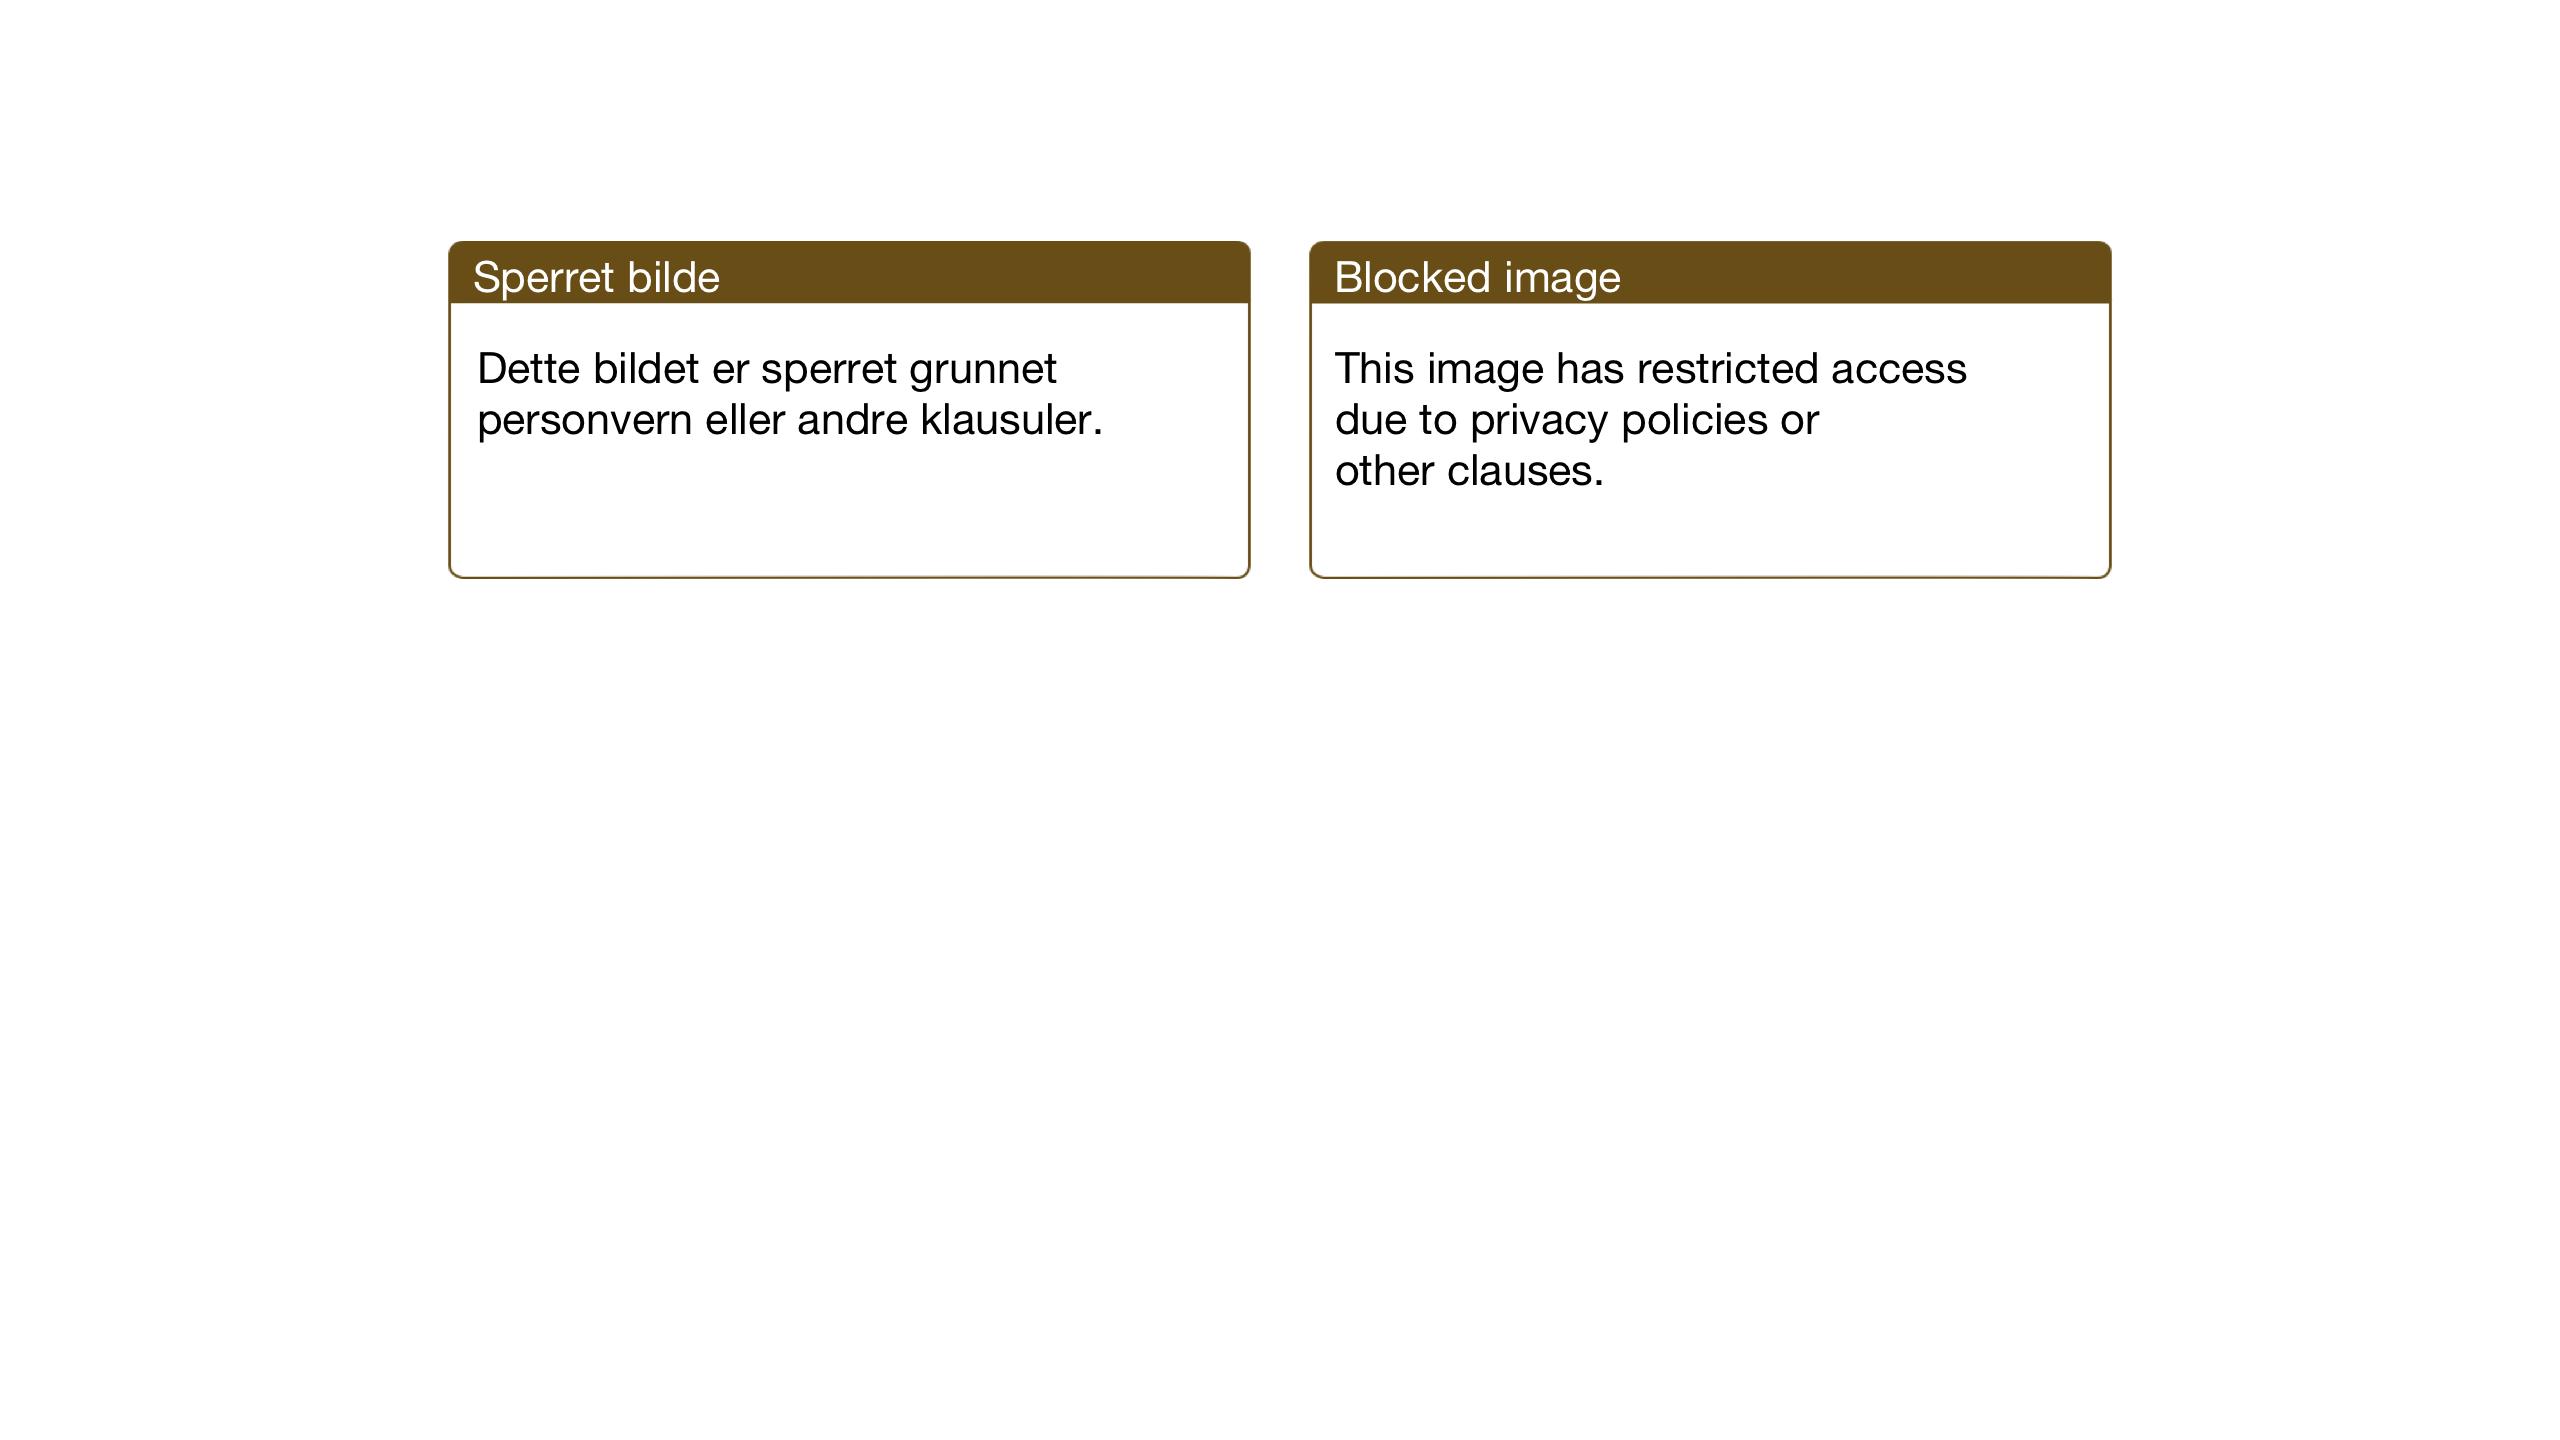 SAT, Ministerialprotokoller, klokkerbøker og fødselsregistre - Nord-Trøndelag, 710/L0097: Klokkerbok nr. 710C02, 1925-1955, s. 66